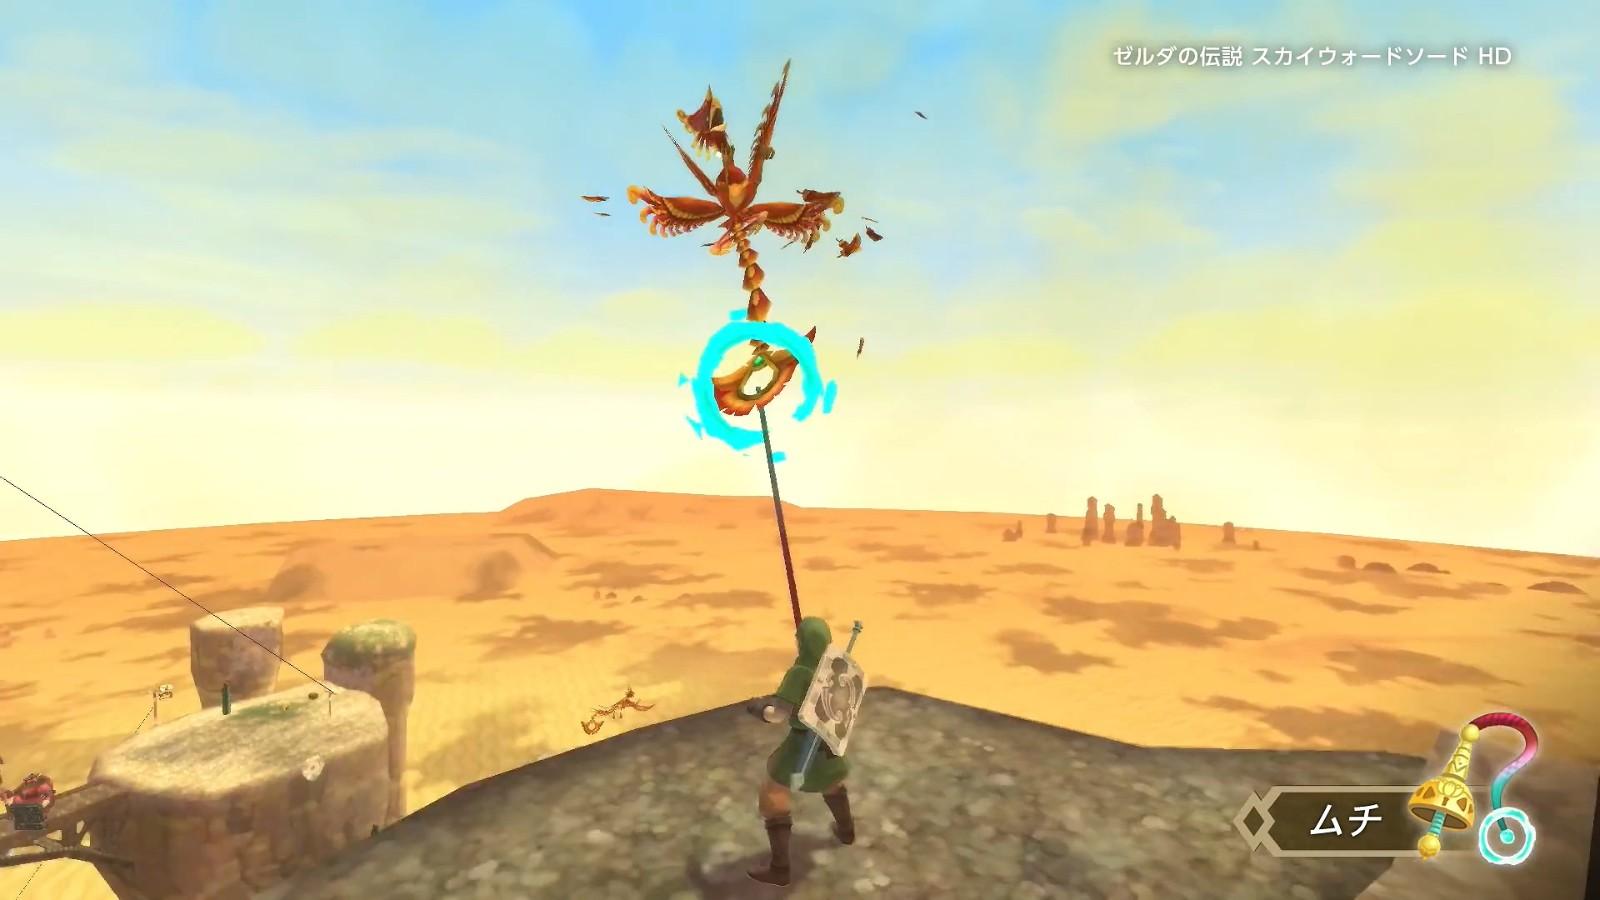 《塞尔达传说:御天之剑HD》新宣传片释出 大地与天空间自由冒险